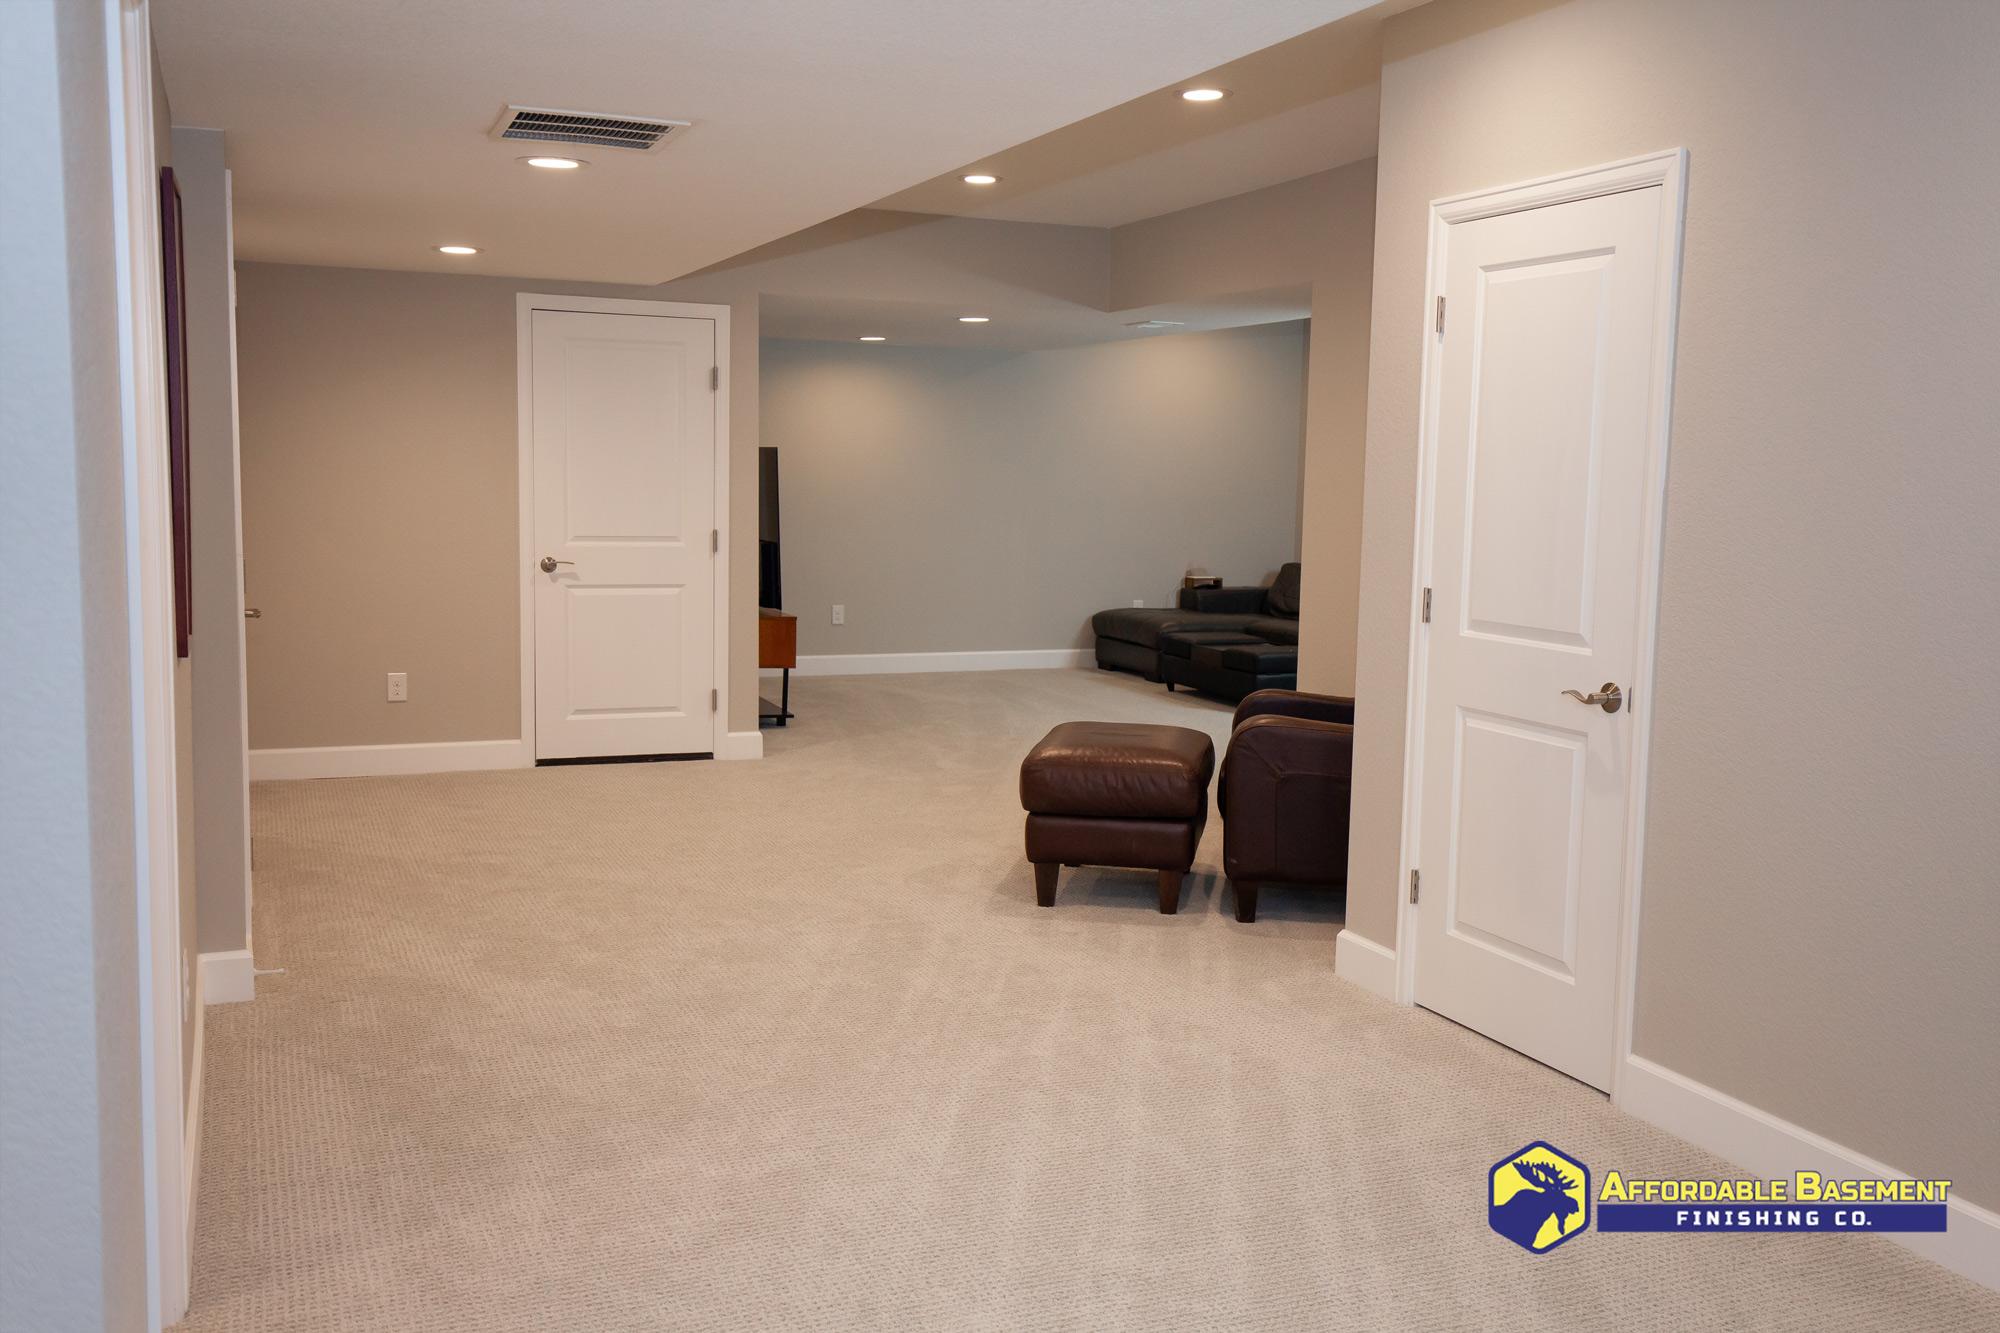 2020 Shower Bathroom Remodel - Denver Basement Finishing and Remodeling